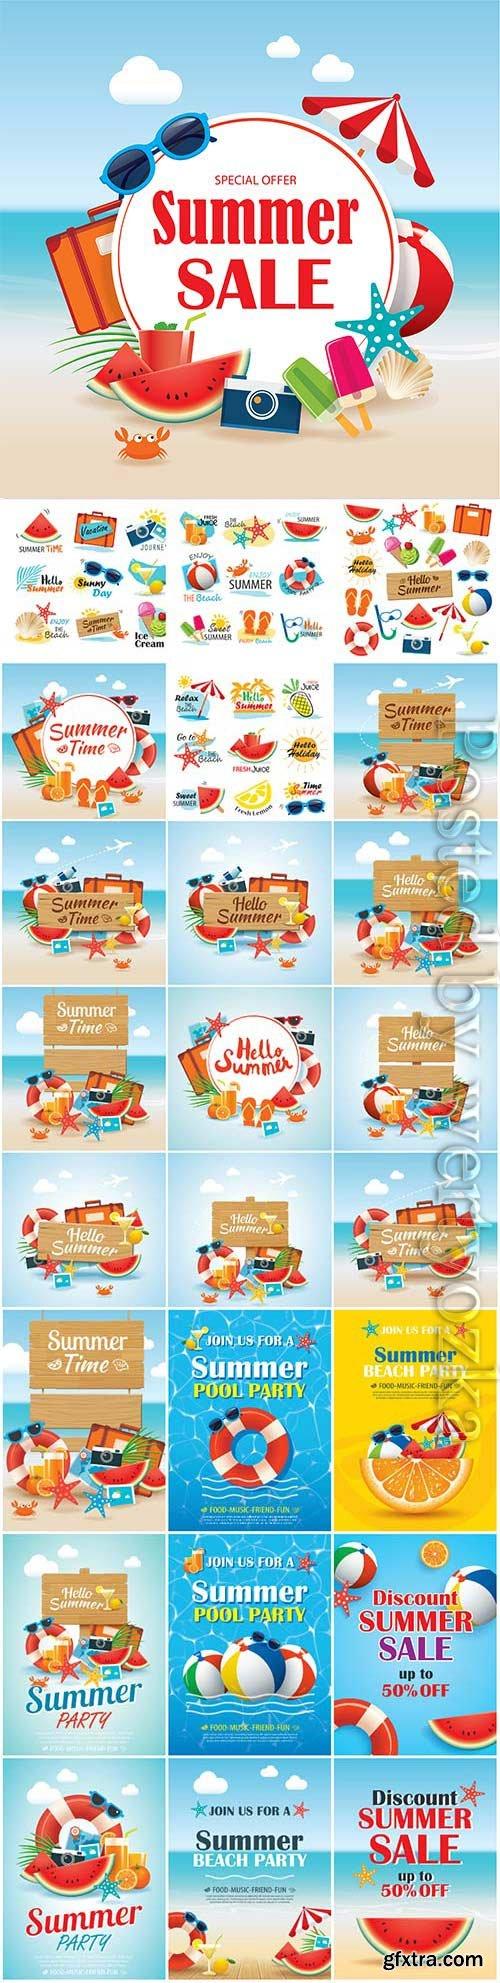 Summer sales illustration in vector